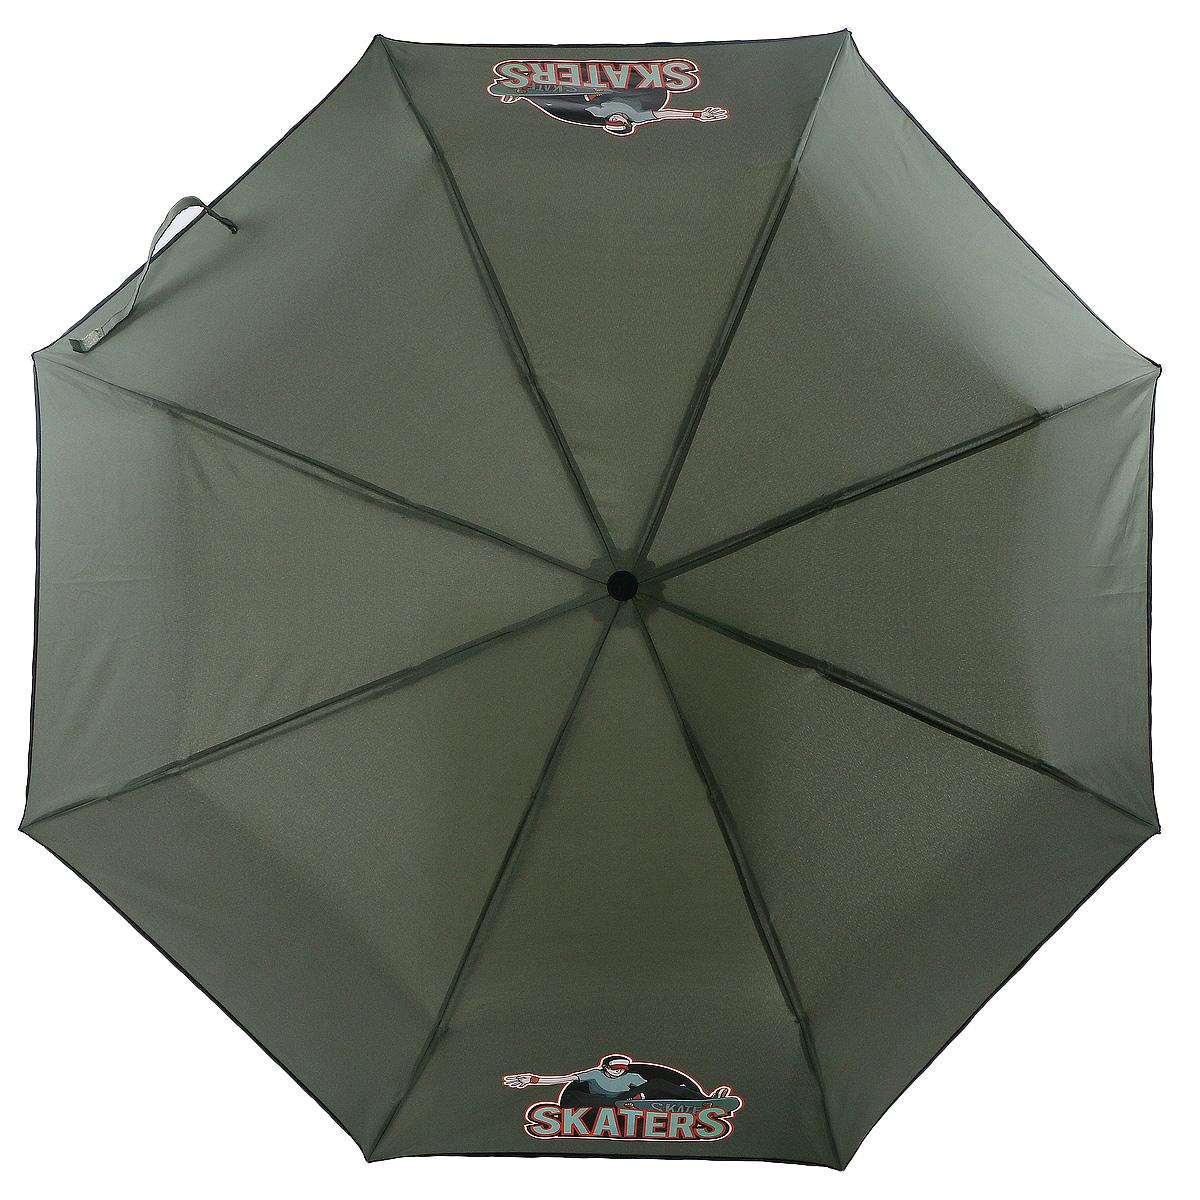 Зонт ArtRain, механический, 3 сложения, цвет: серый. 3517-1737 зонт artrain механический 3 сложения цвет синий 3517 1732